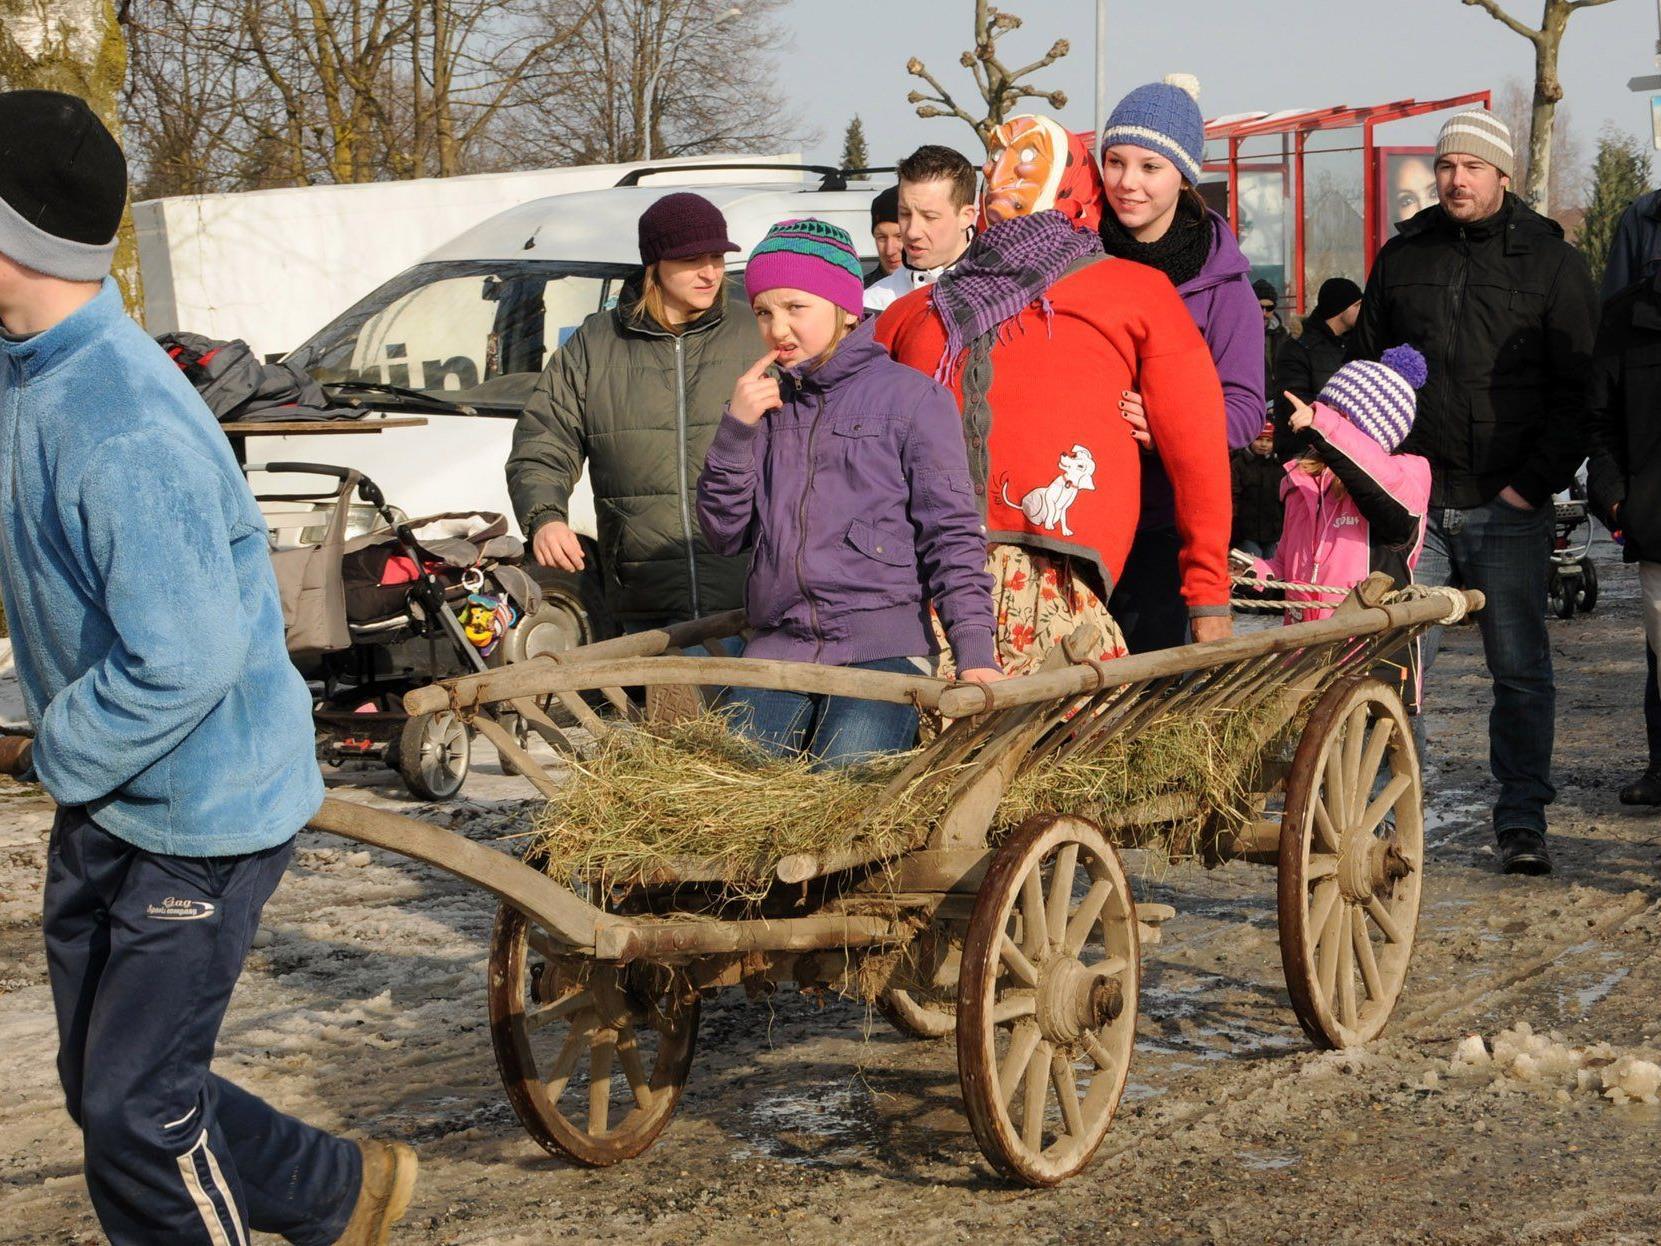 Auf dem Leiterwagen wird die Hexe zum Brugger Funken in Höchst gefahren, Julia hält sie fest.